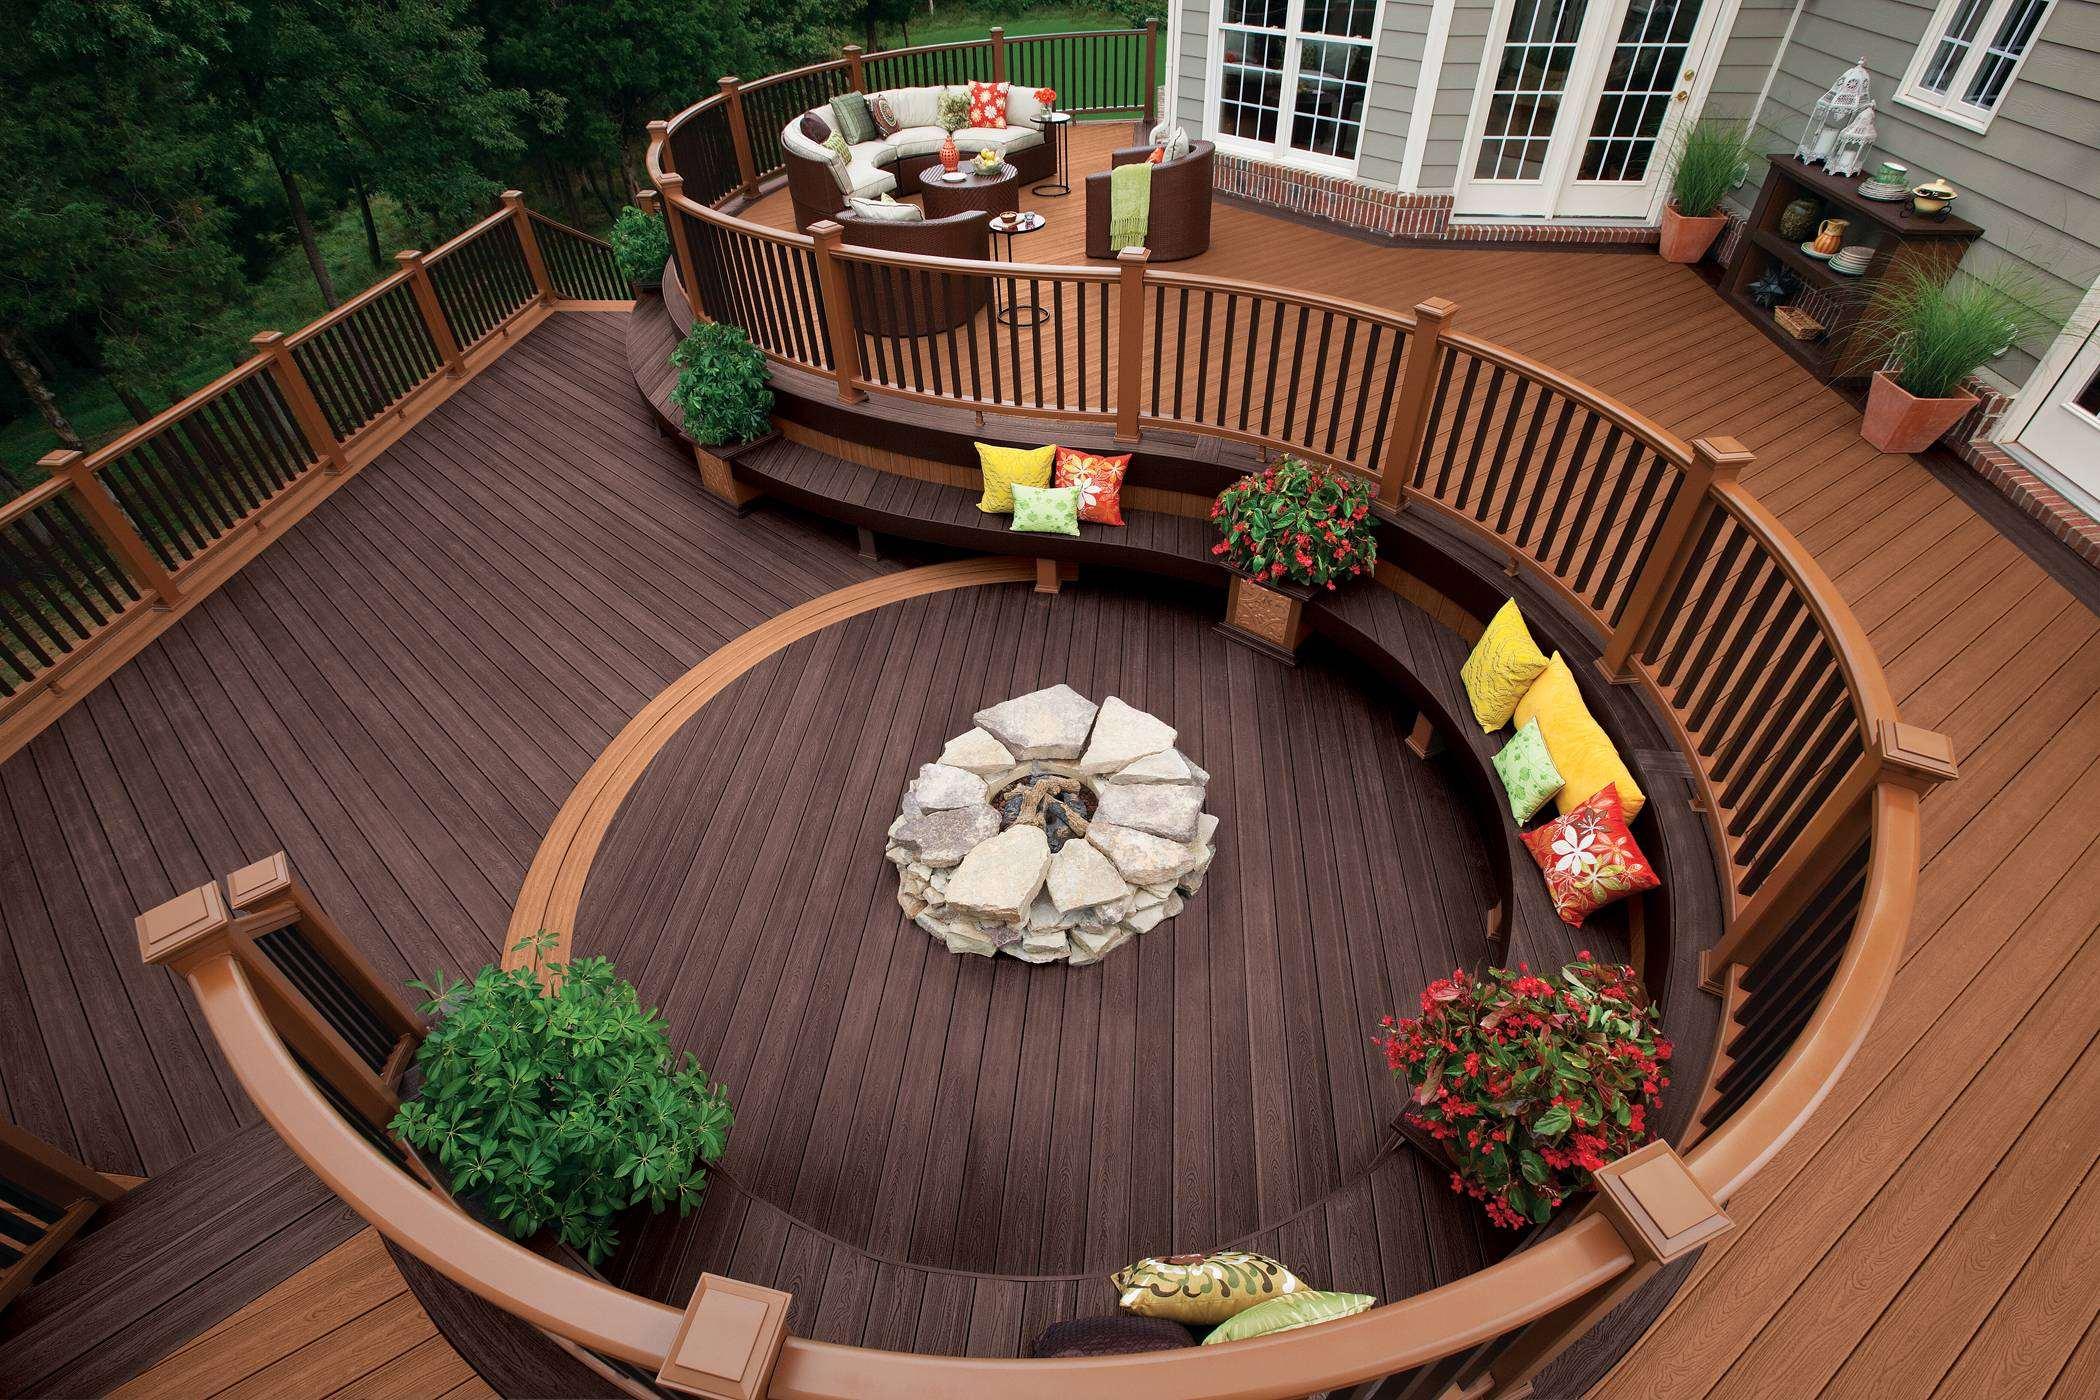 21.SIMPHOME.COM A unique deck design ideas for your client throughout backyard deck ideas